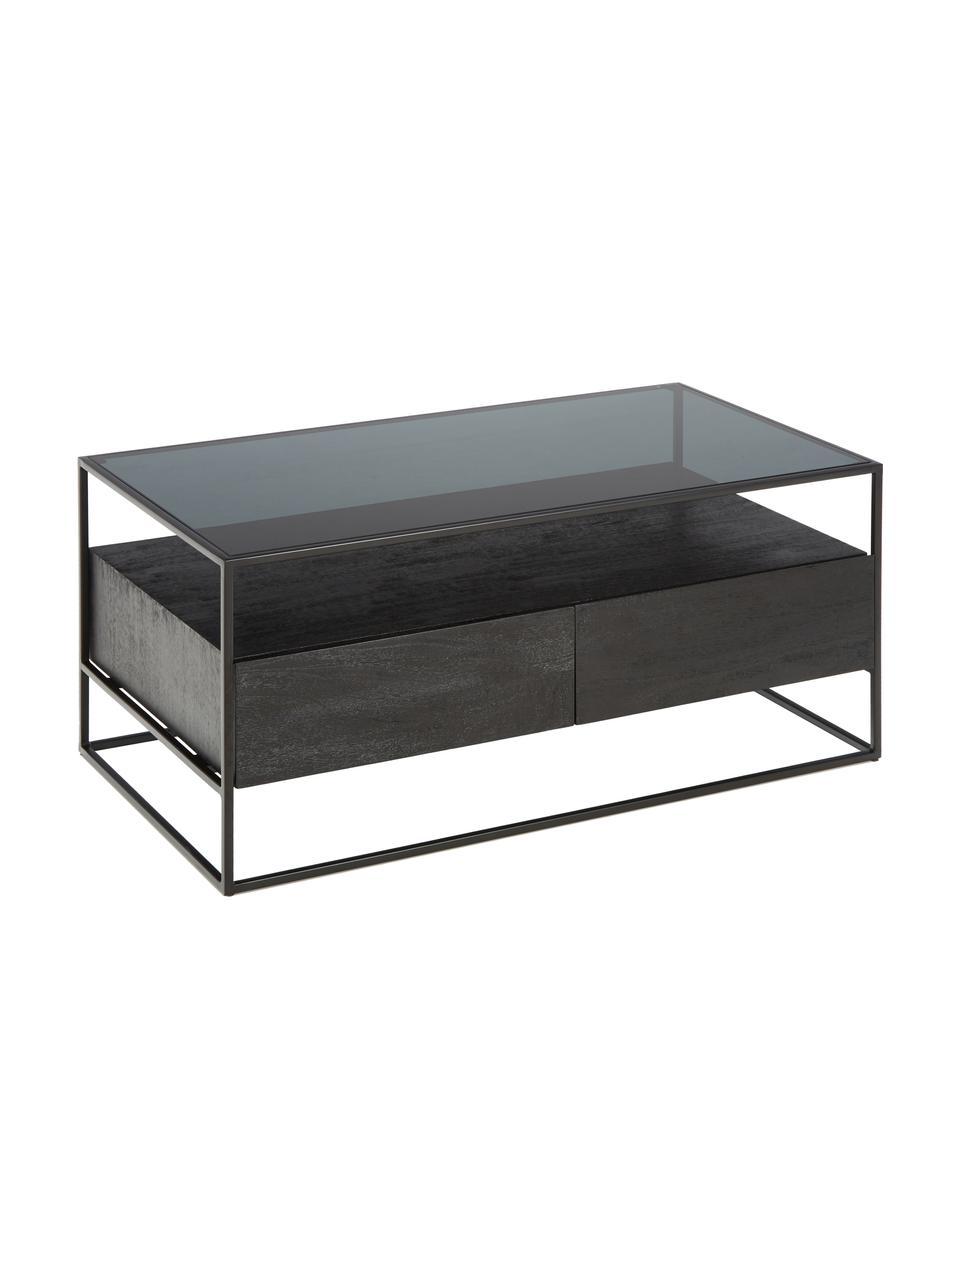 Tavolino da salotto con cassetti Theodor, Piano d'appoggio: vetro, Struttura: metallo verniciato a polv, Nero, Larg. 100 x Alt. 45 cm